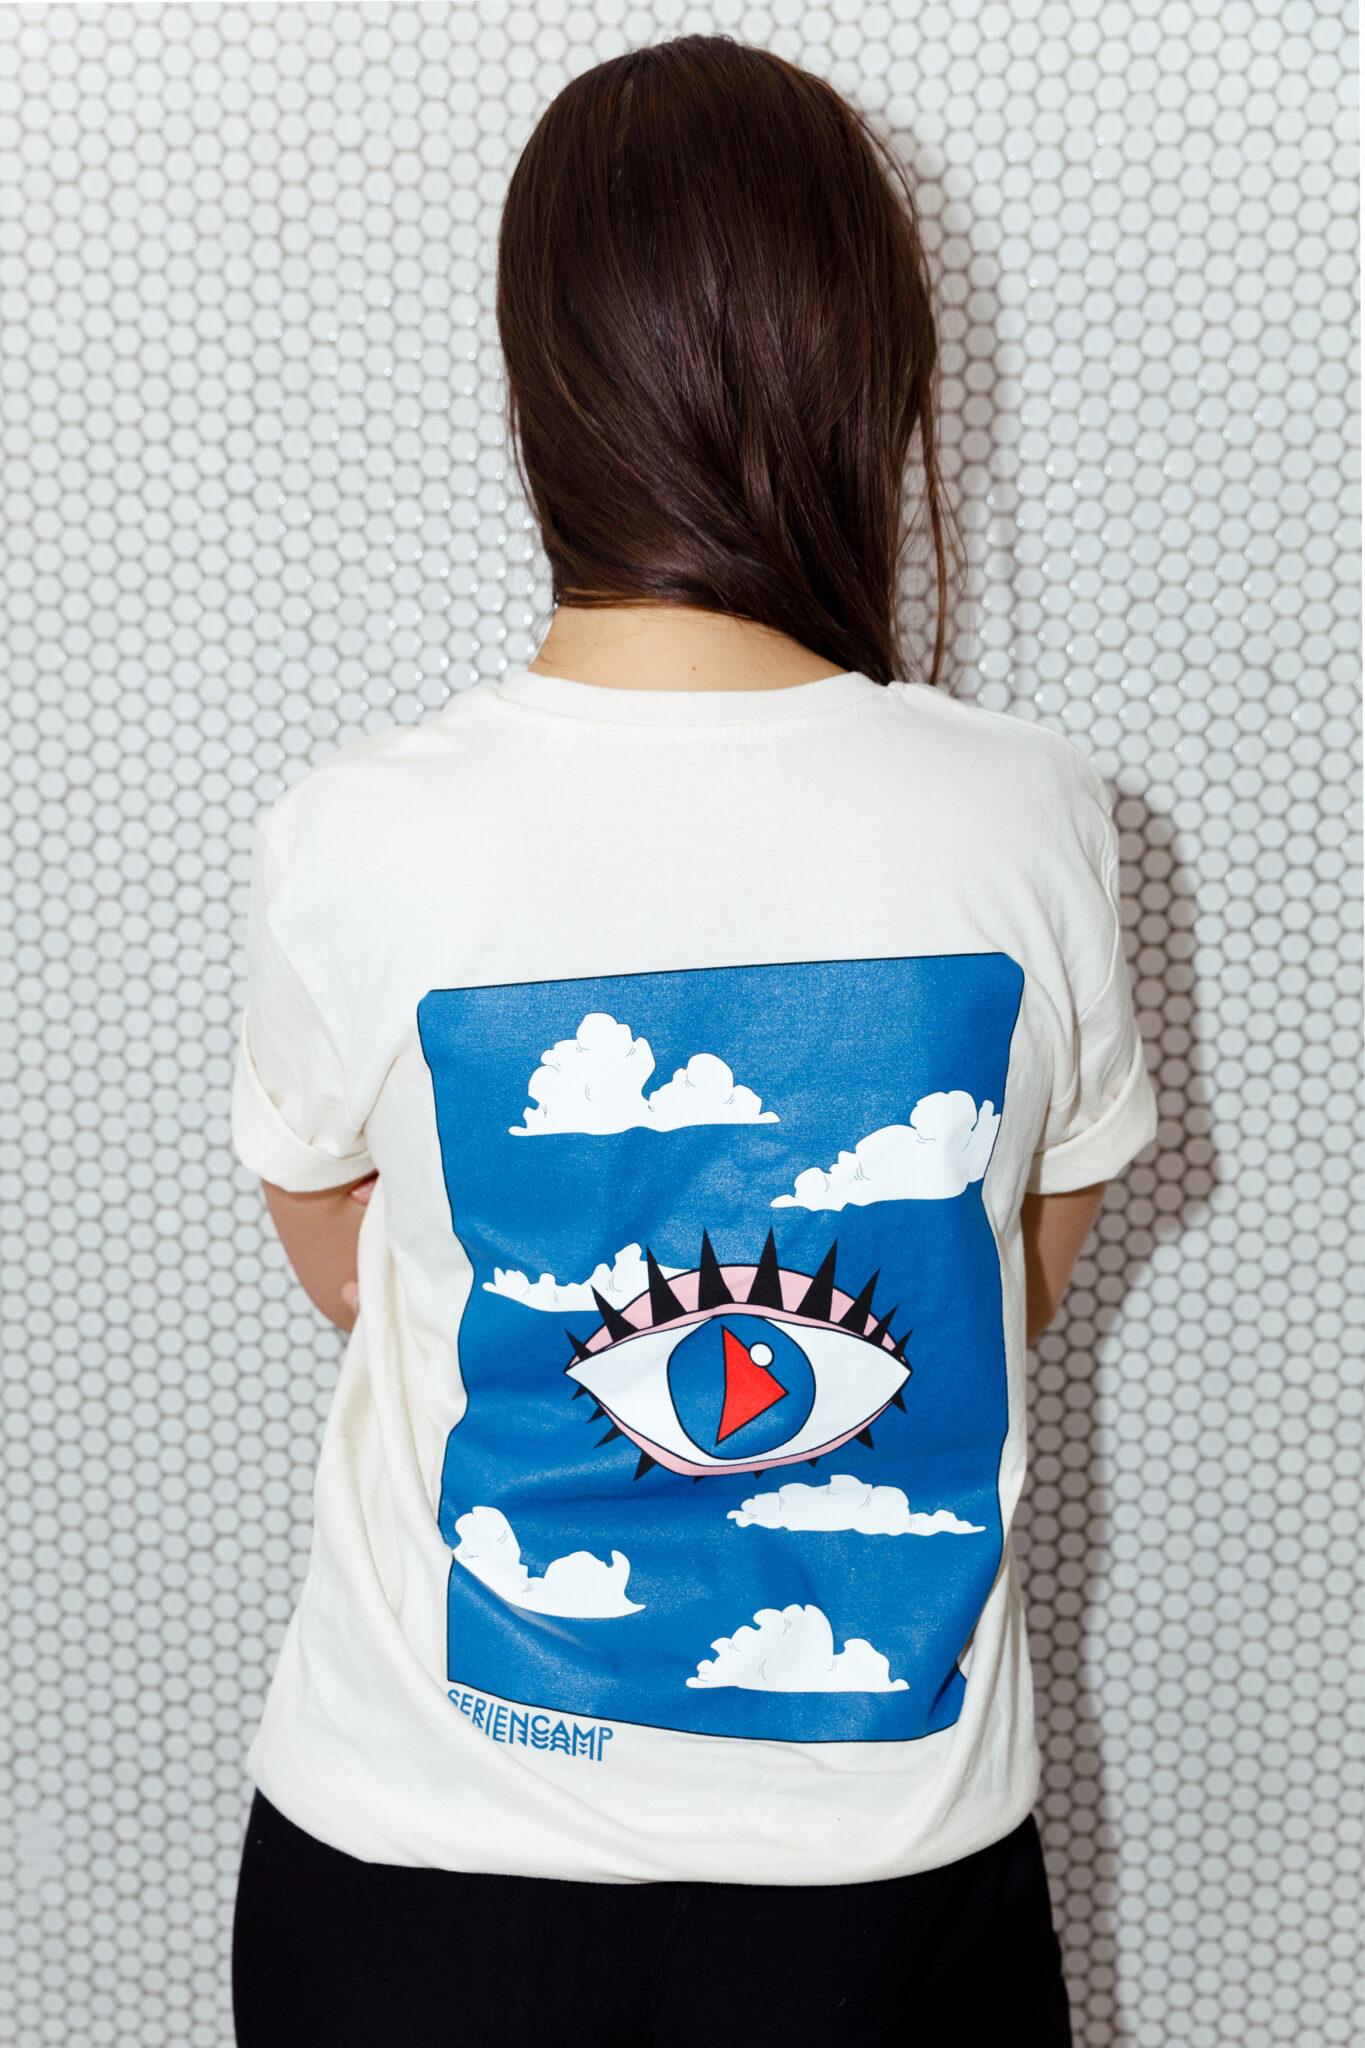 Seriencamp Festival 2020: Merch BlinkBlink Shirt S